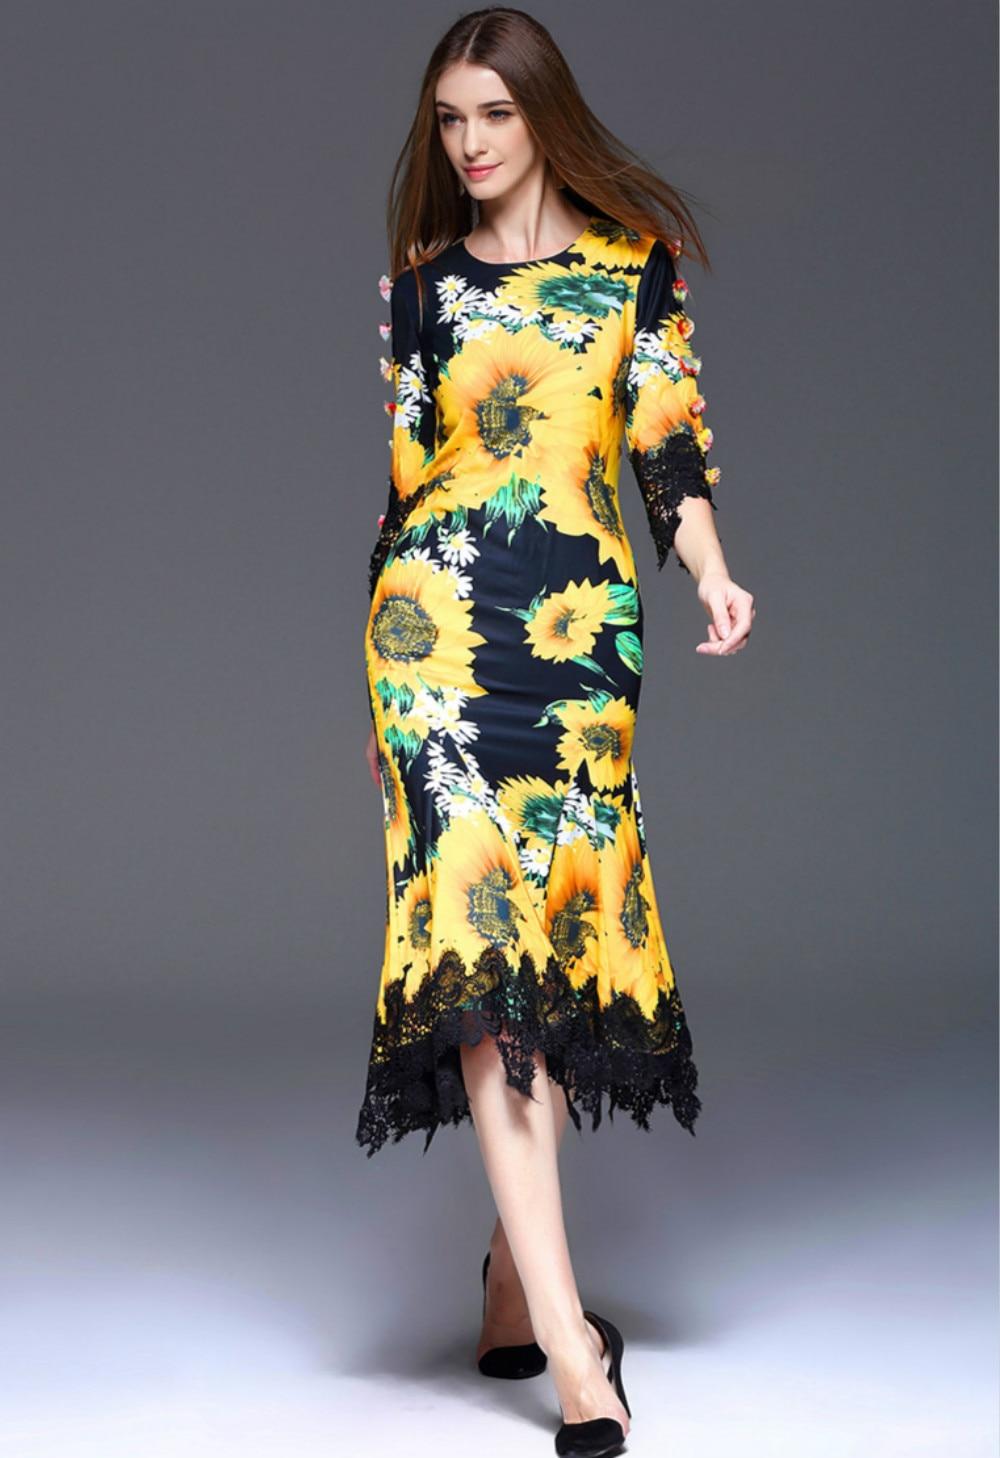 Wholesale China Clothing Fashion